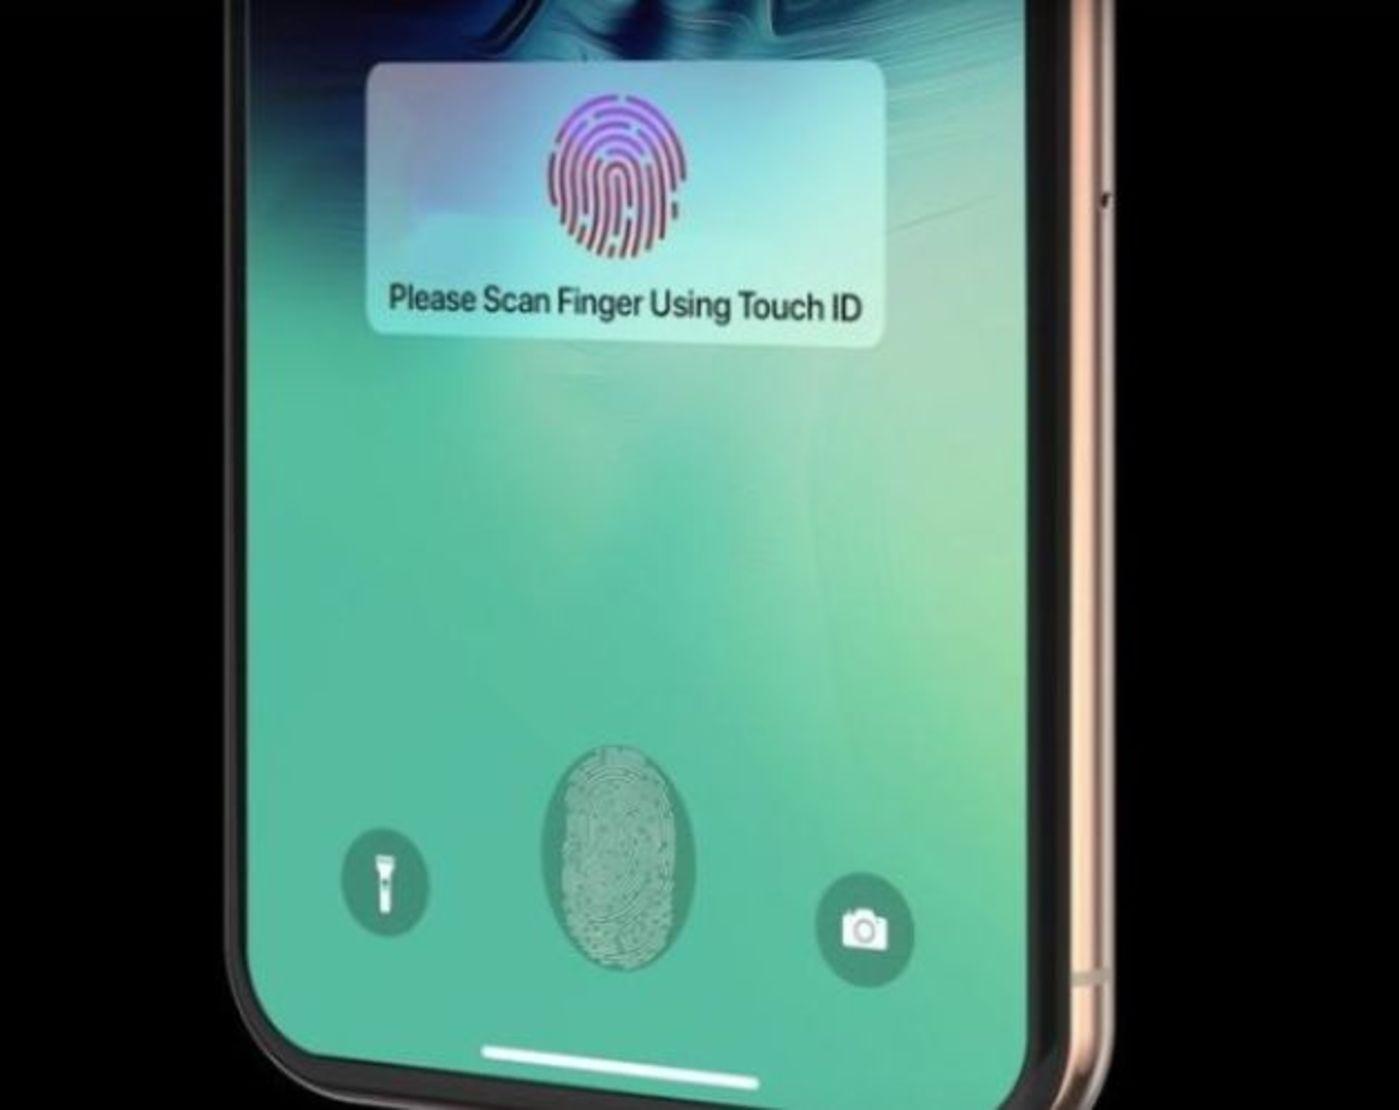 据苹果在专利中详细介绍了如何议决在屏幕下安置一系列针孔摄像头,将 Touch ID 集成到新款 iPhone 表现屏中。这个技术议决增补一块暗藏在屏幕模组下方的触摸板来识别指纹。这个触摸板还有识别压感的功能,能够分辨重按和触摸。